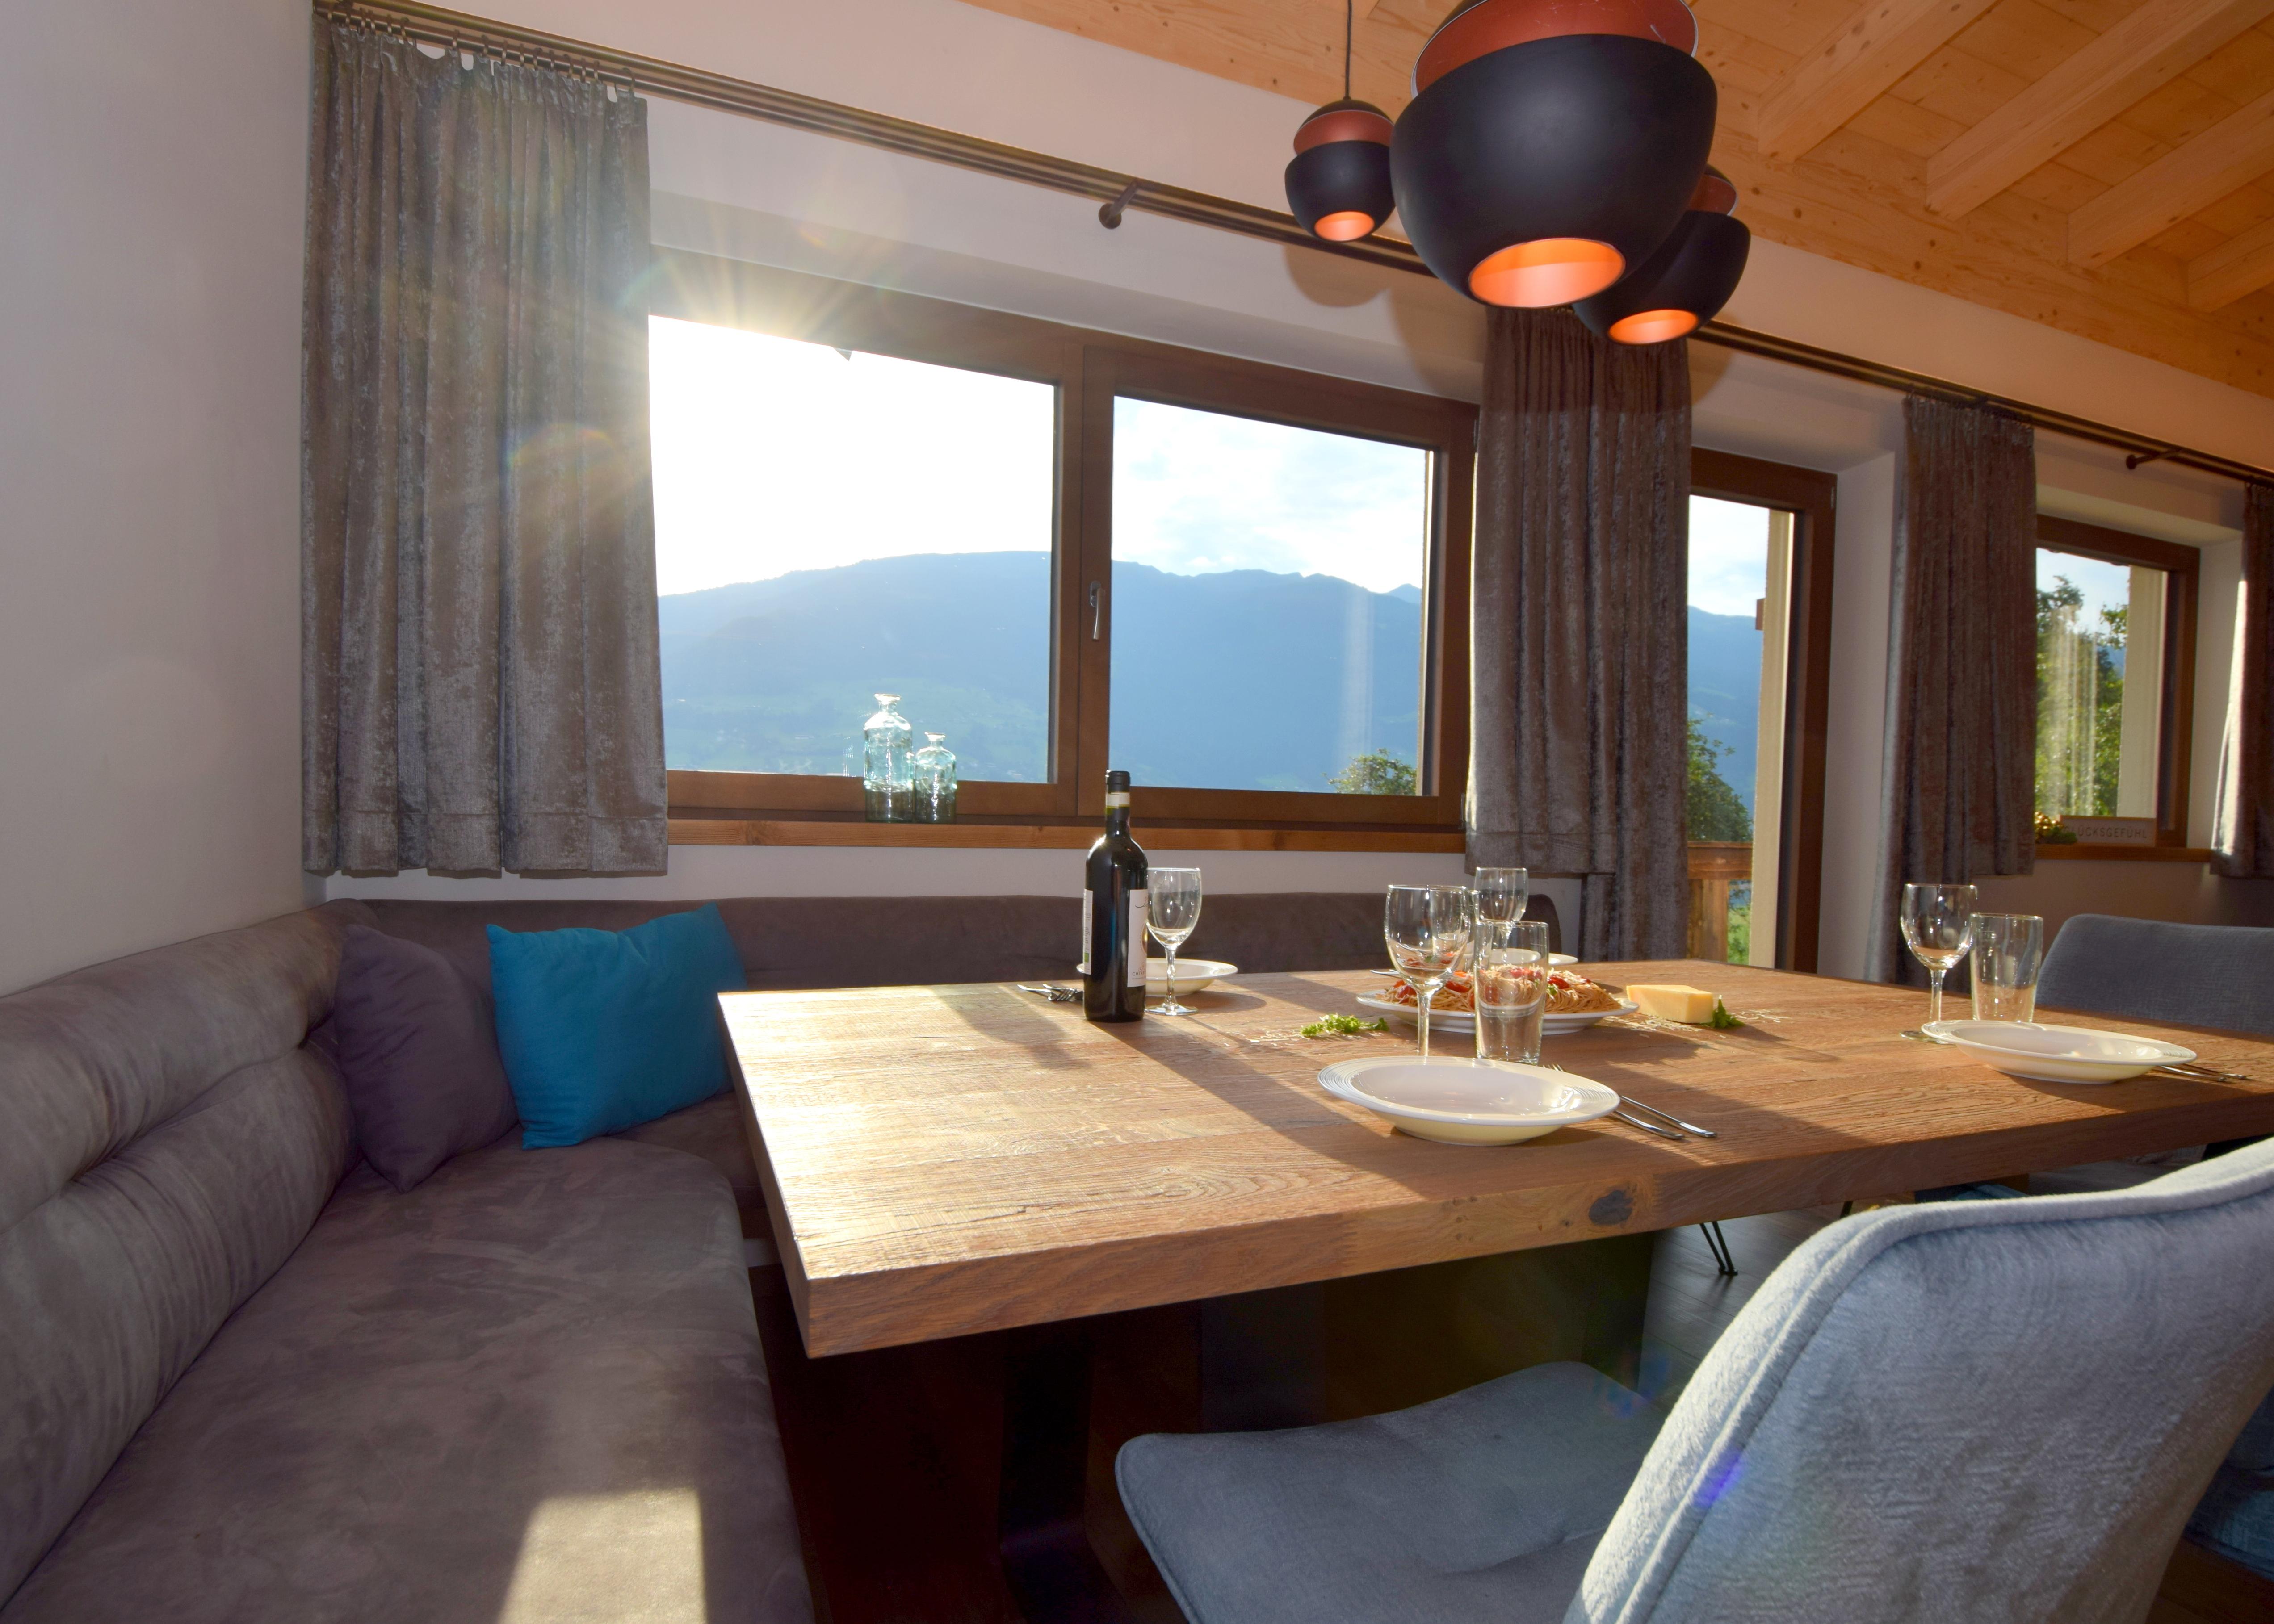 Ferienhaus Mittleres Zillertal 3 - Appartement 2 - Wohnzimmer